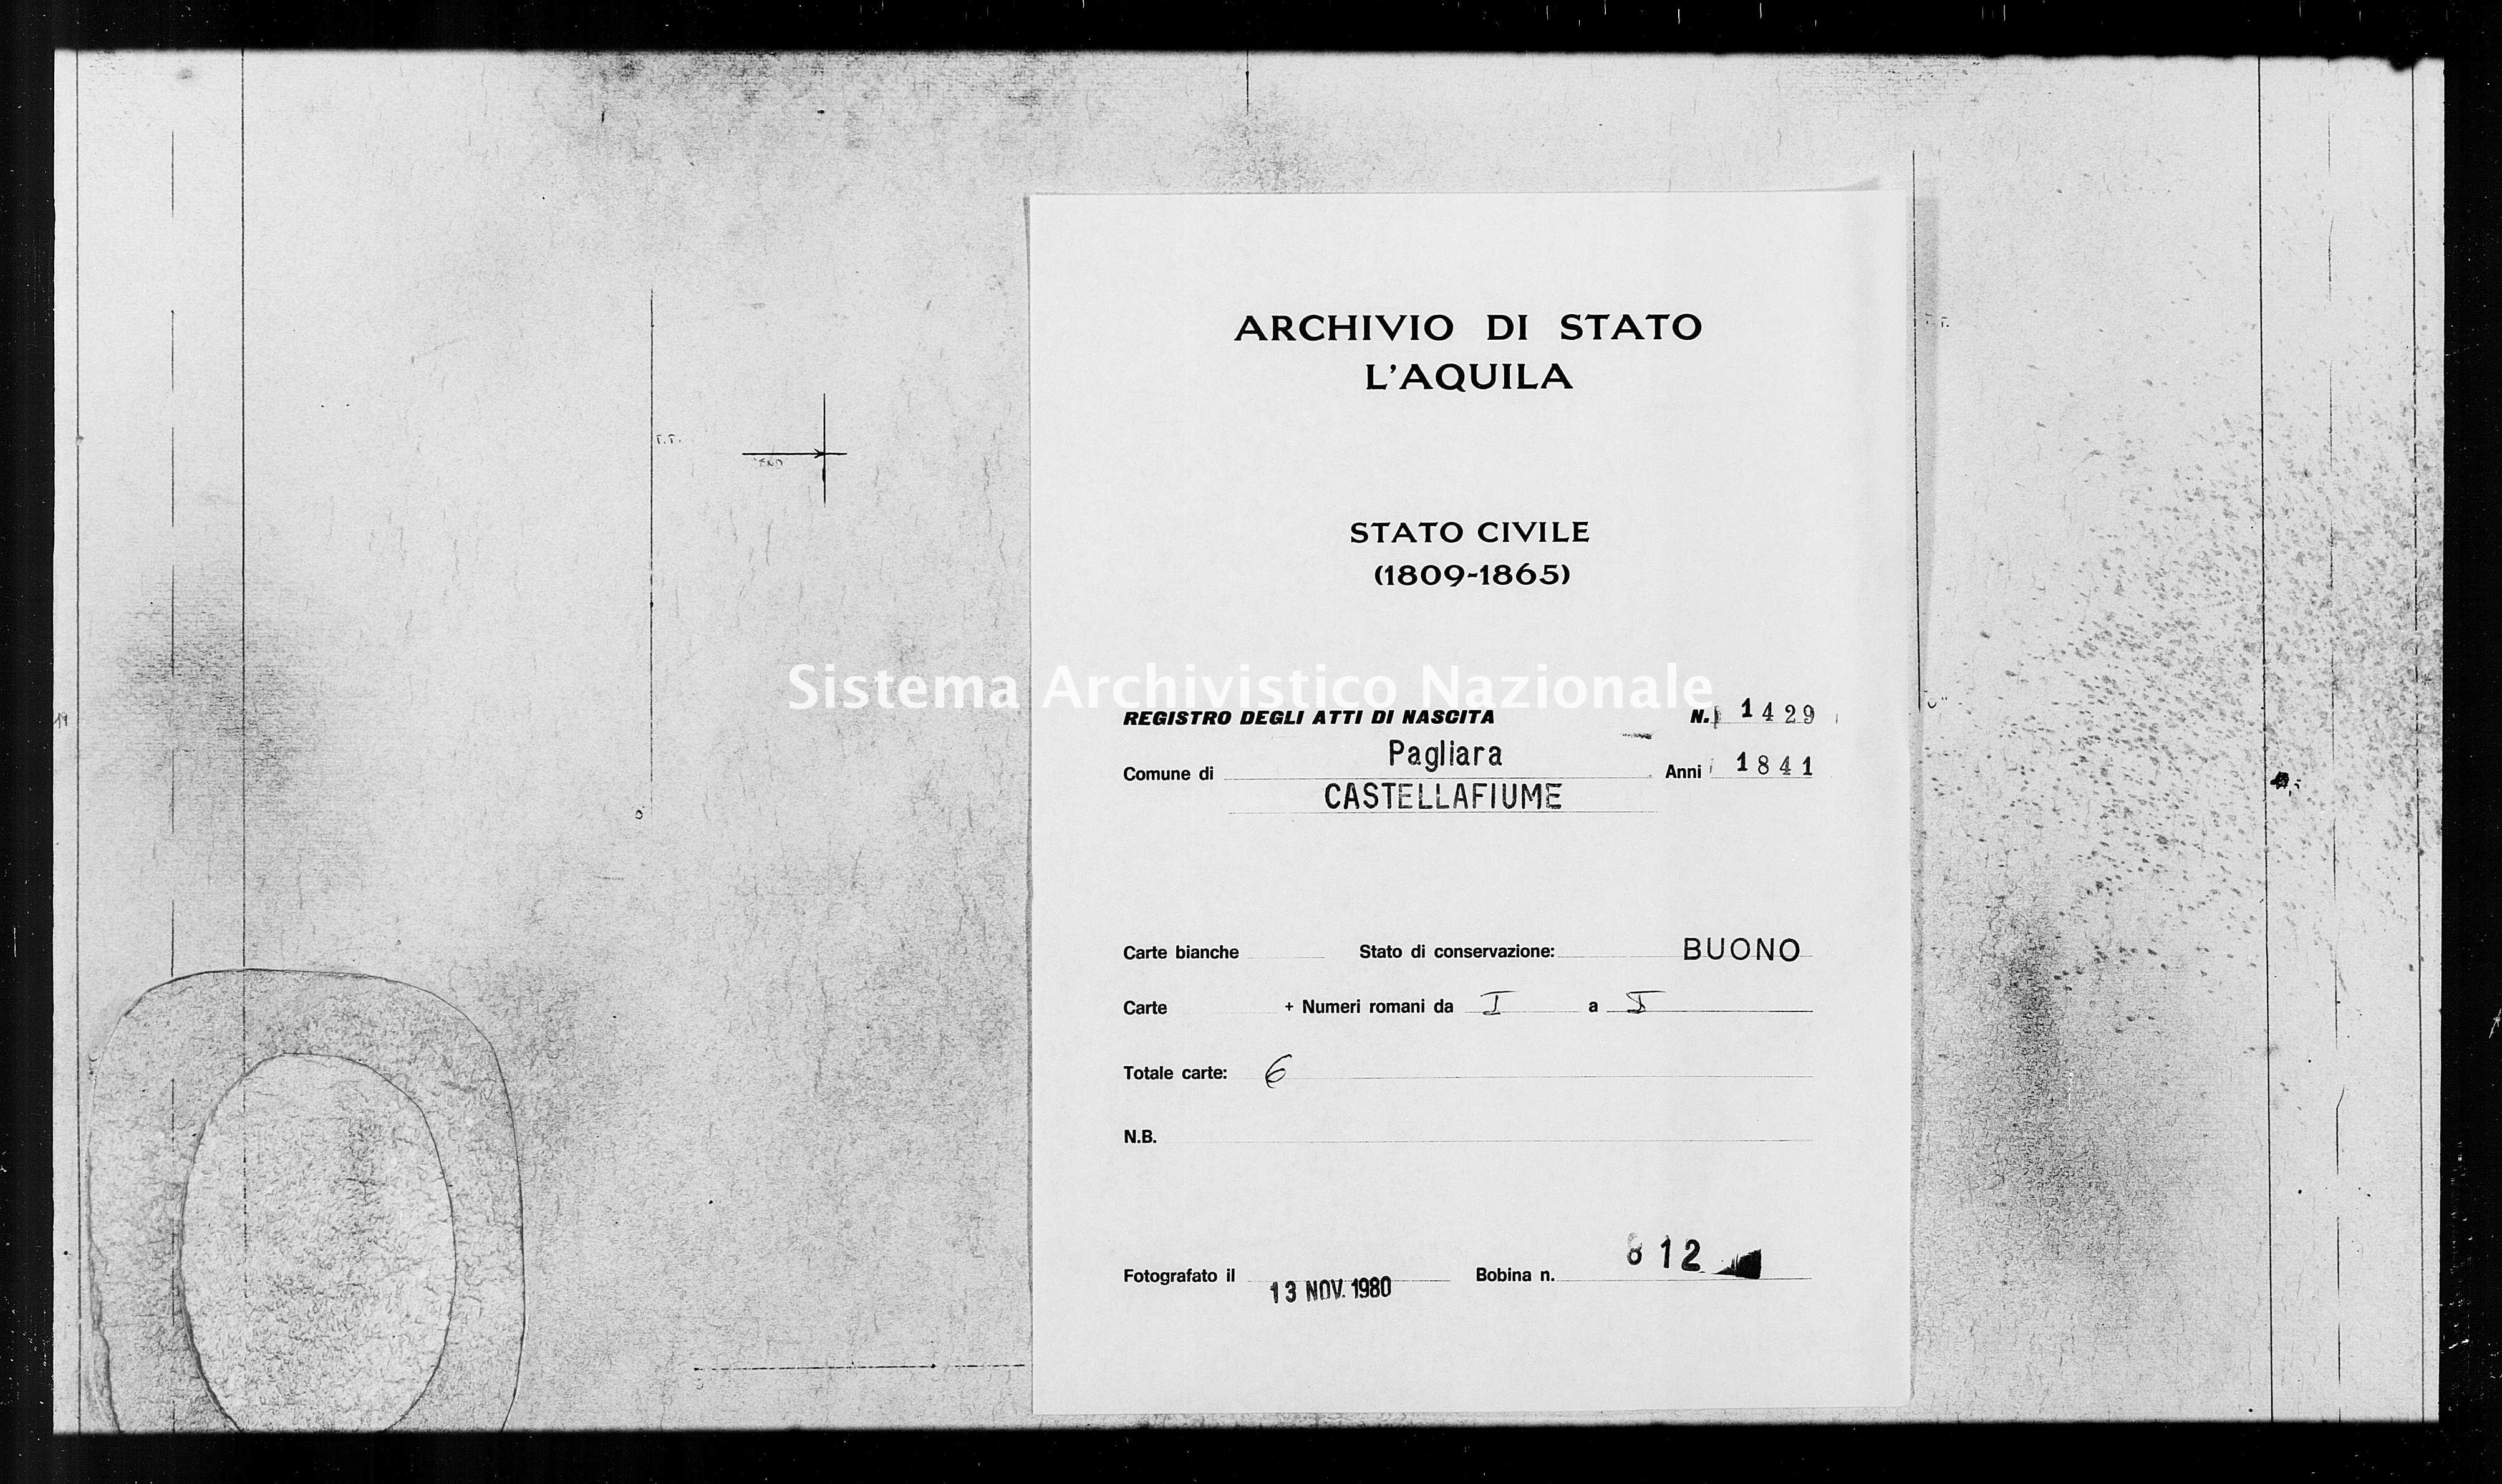 Archivio di stato di L'aquila - Stato civile della restaurazione - Pagliara - Nati - 1841 - 1429 -